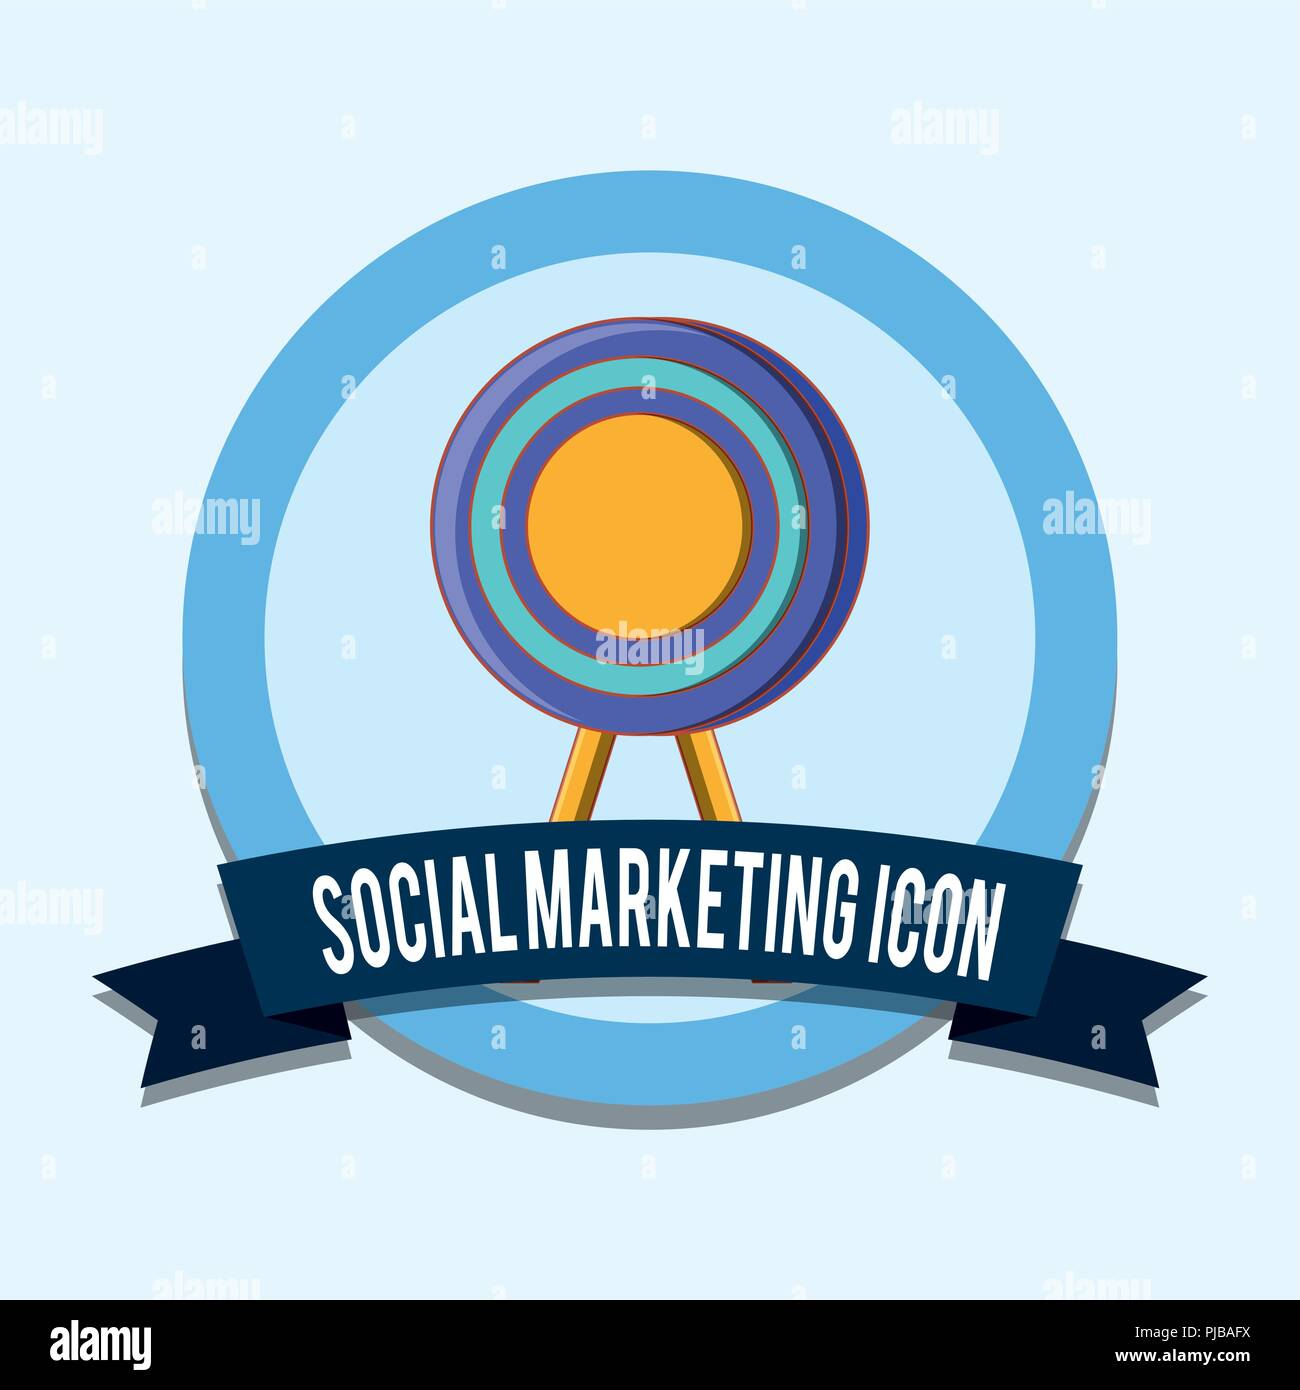 target social marketing icon emblem vector illustration Stock Vector